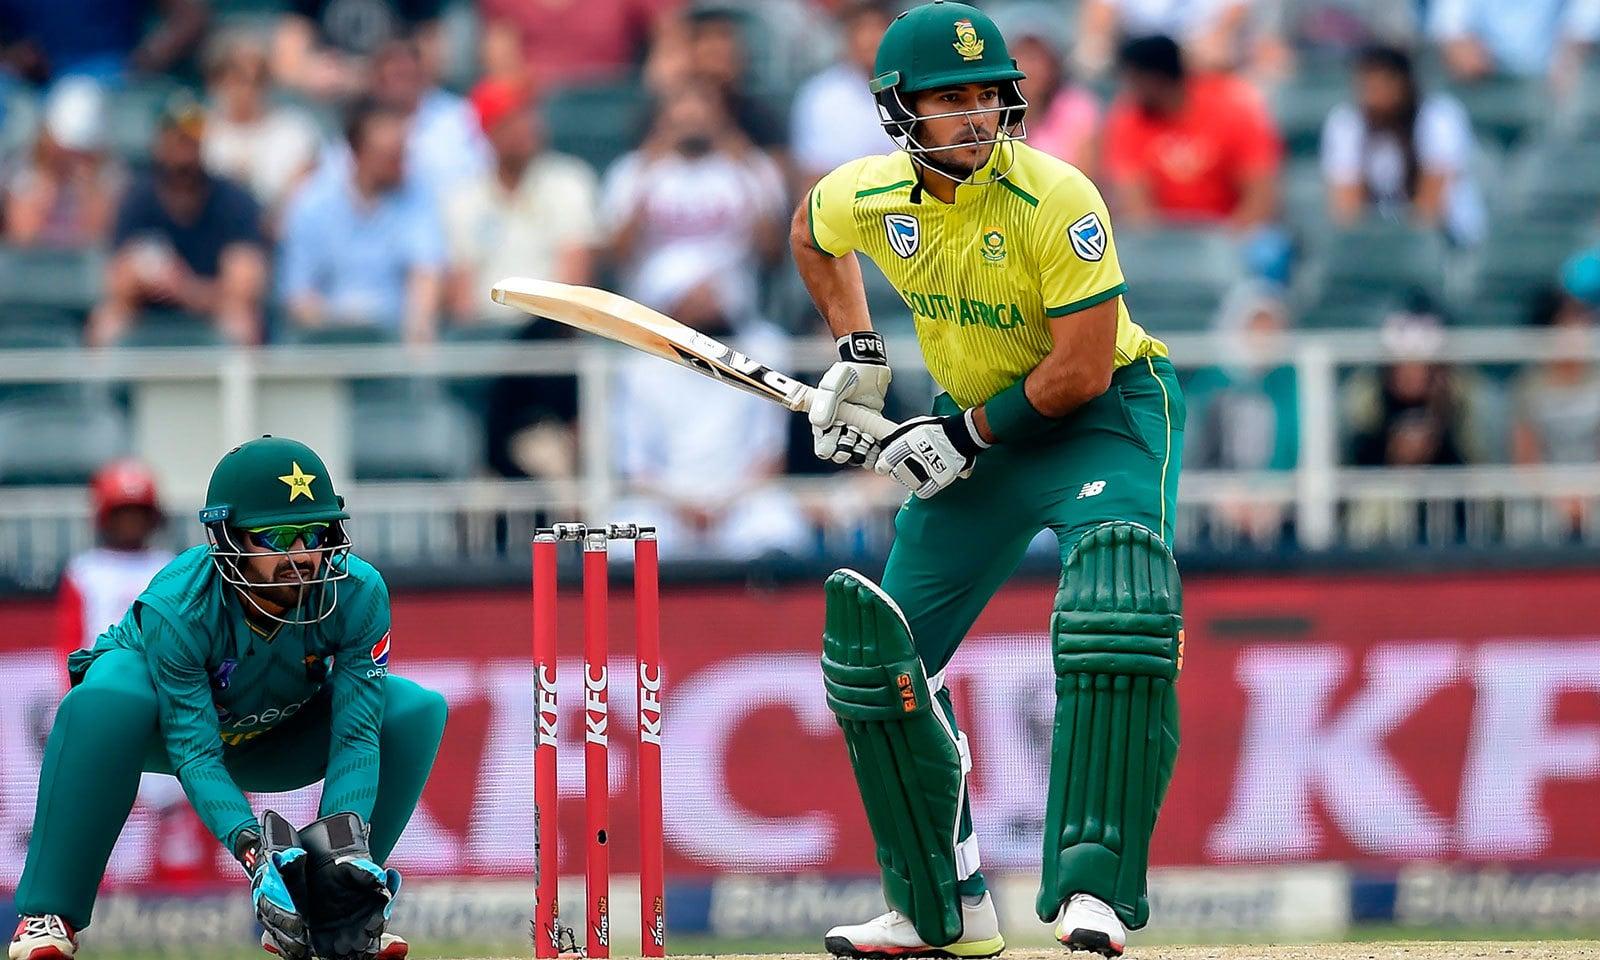 جنوبی افریقہ کے اوپنرز نے پہلی وکٹ میں 58 رنز بنائے جس میں ریزا ہینڈرکس کا حصہ 28 رنز کا تھا—فوٹو:اے ایف پی